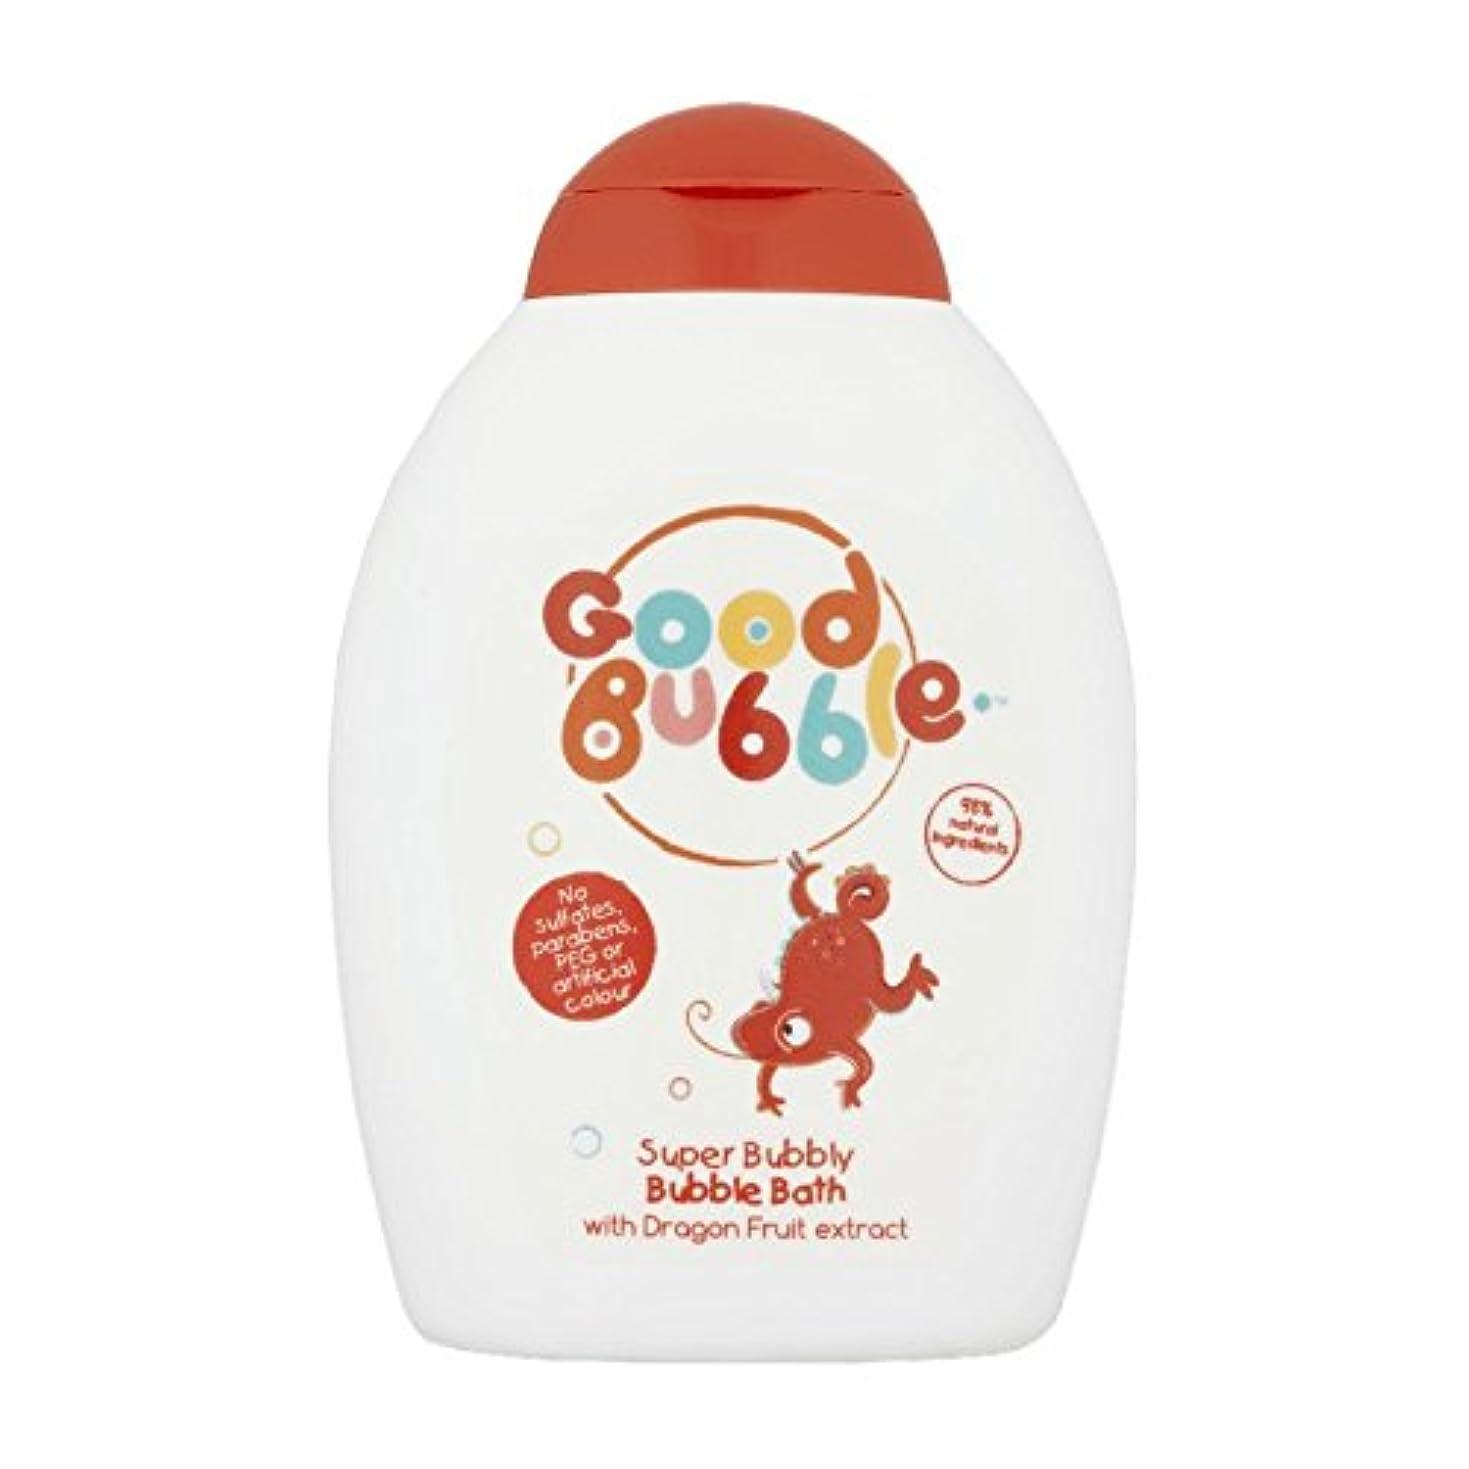 料理をする枠大臣良いバブルドラゴンフルーツバブルバス400ミリリットル - Good Bubble Dragon Fruit Bubble Bath 400ml (Good Bubble) [並行輸入品]